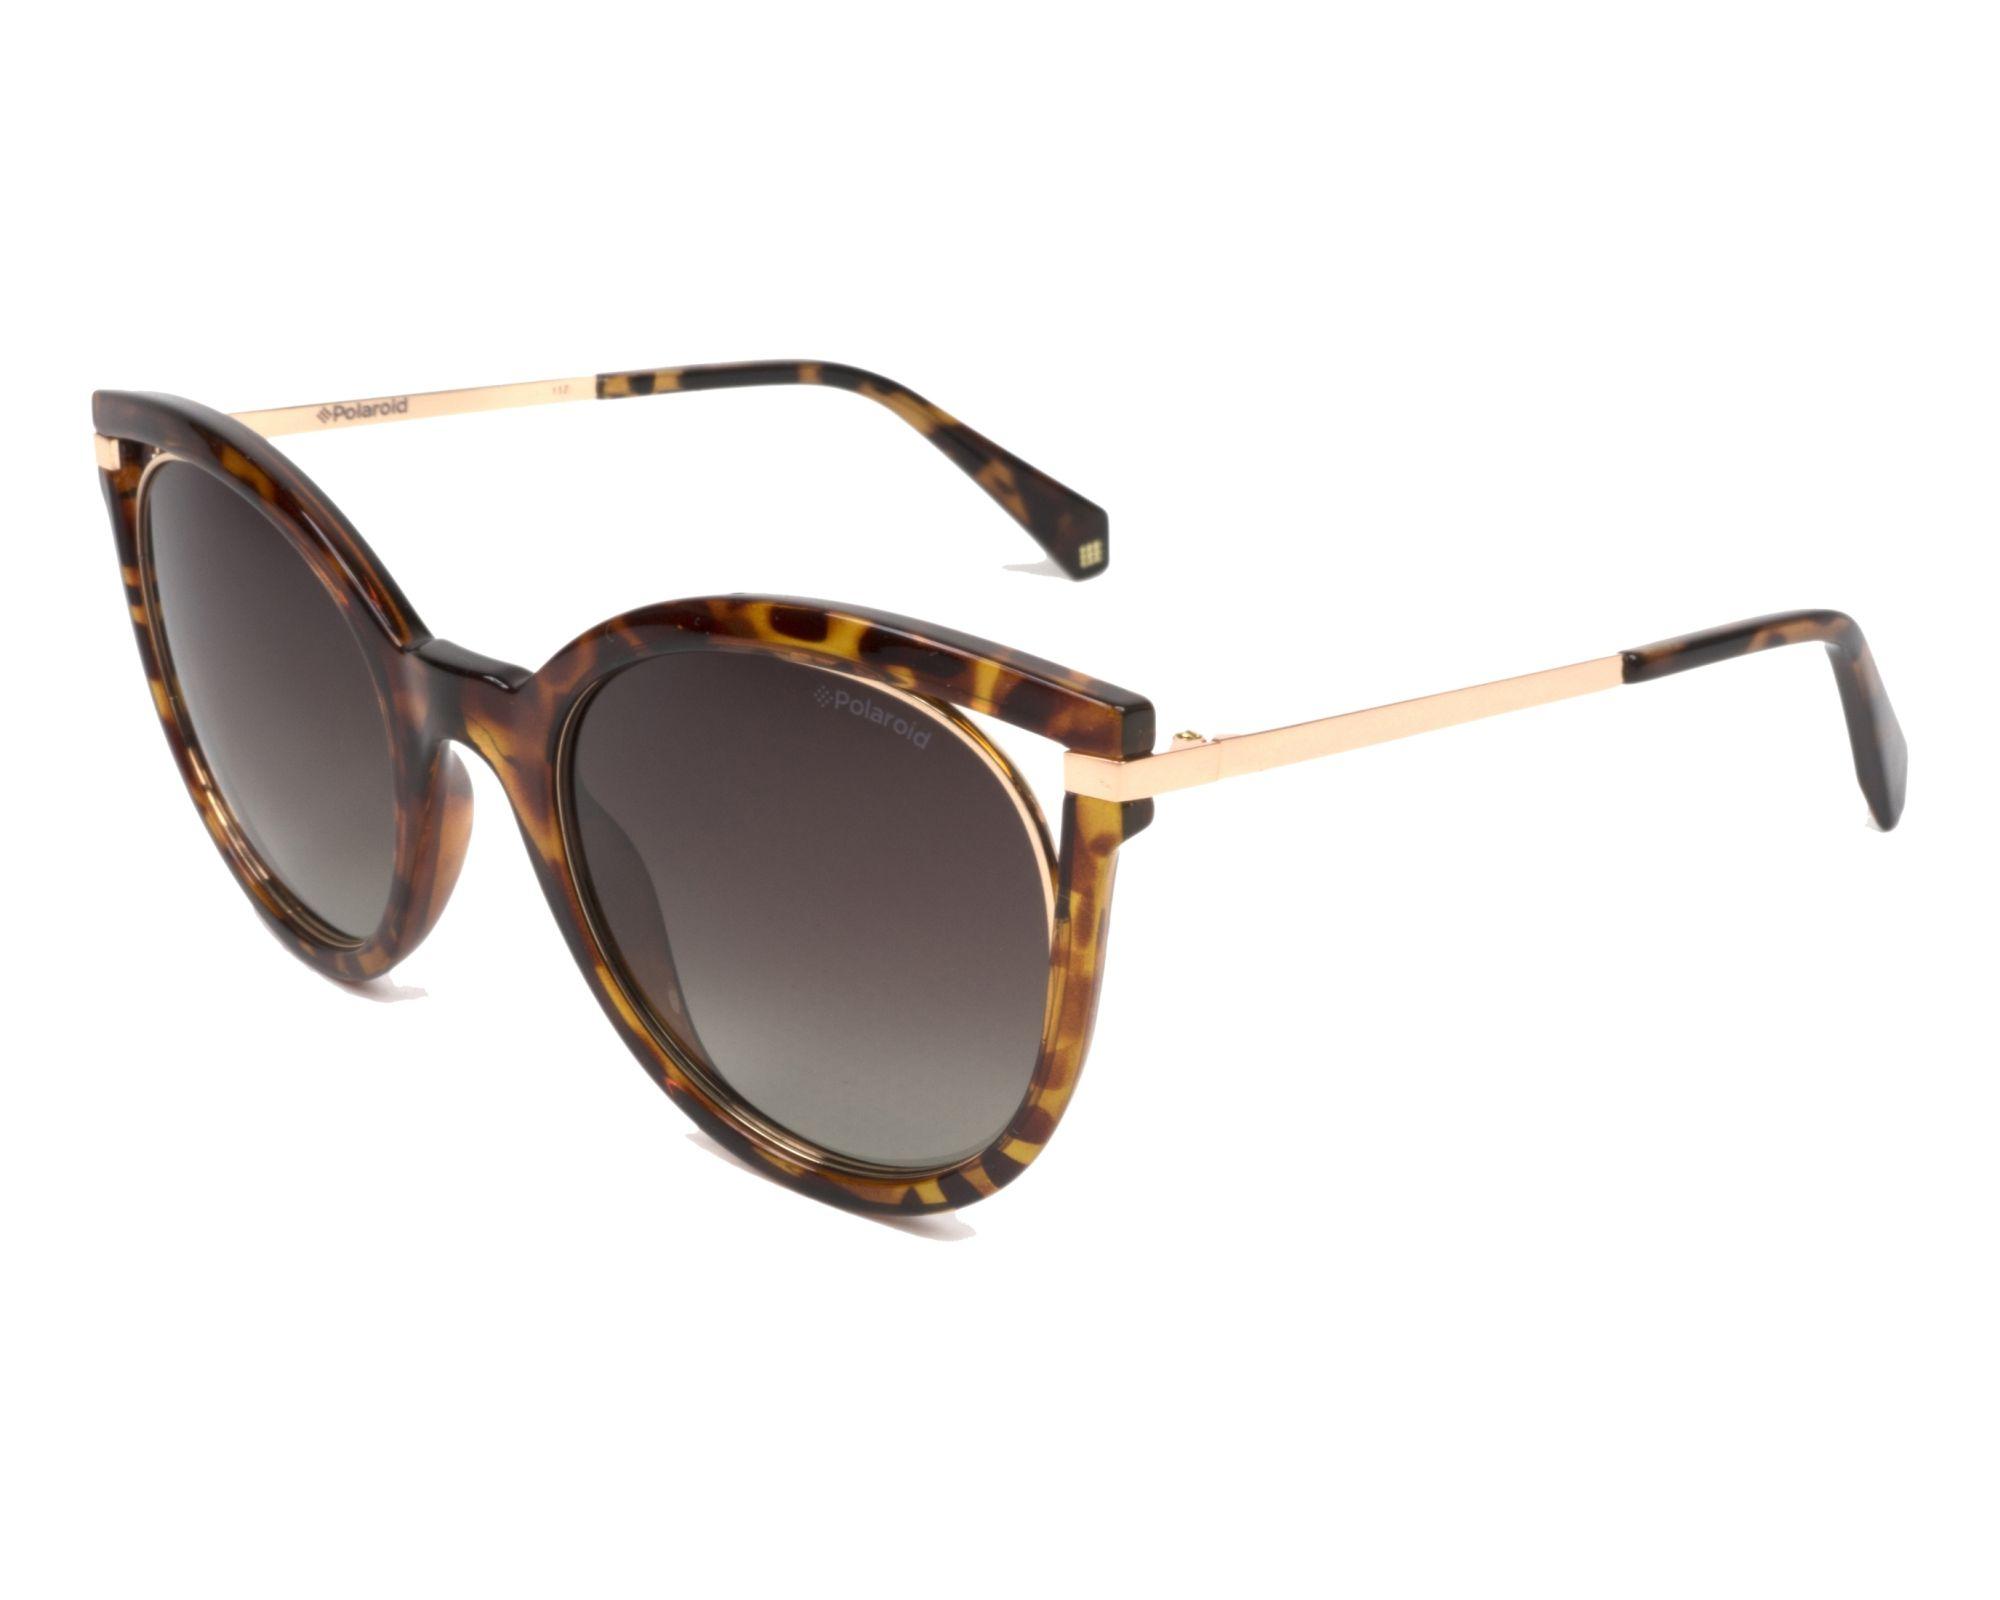 Sunglasses Polaroid PLD-4067-S 086 LA 51-21 Havana Gold Copper 2922227ca59